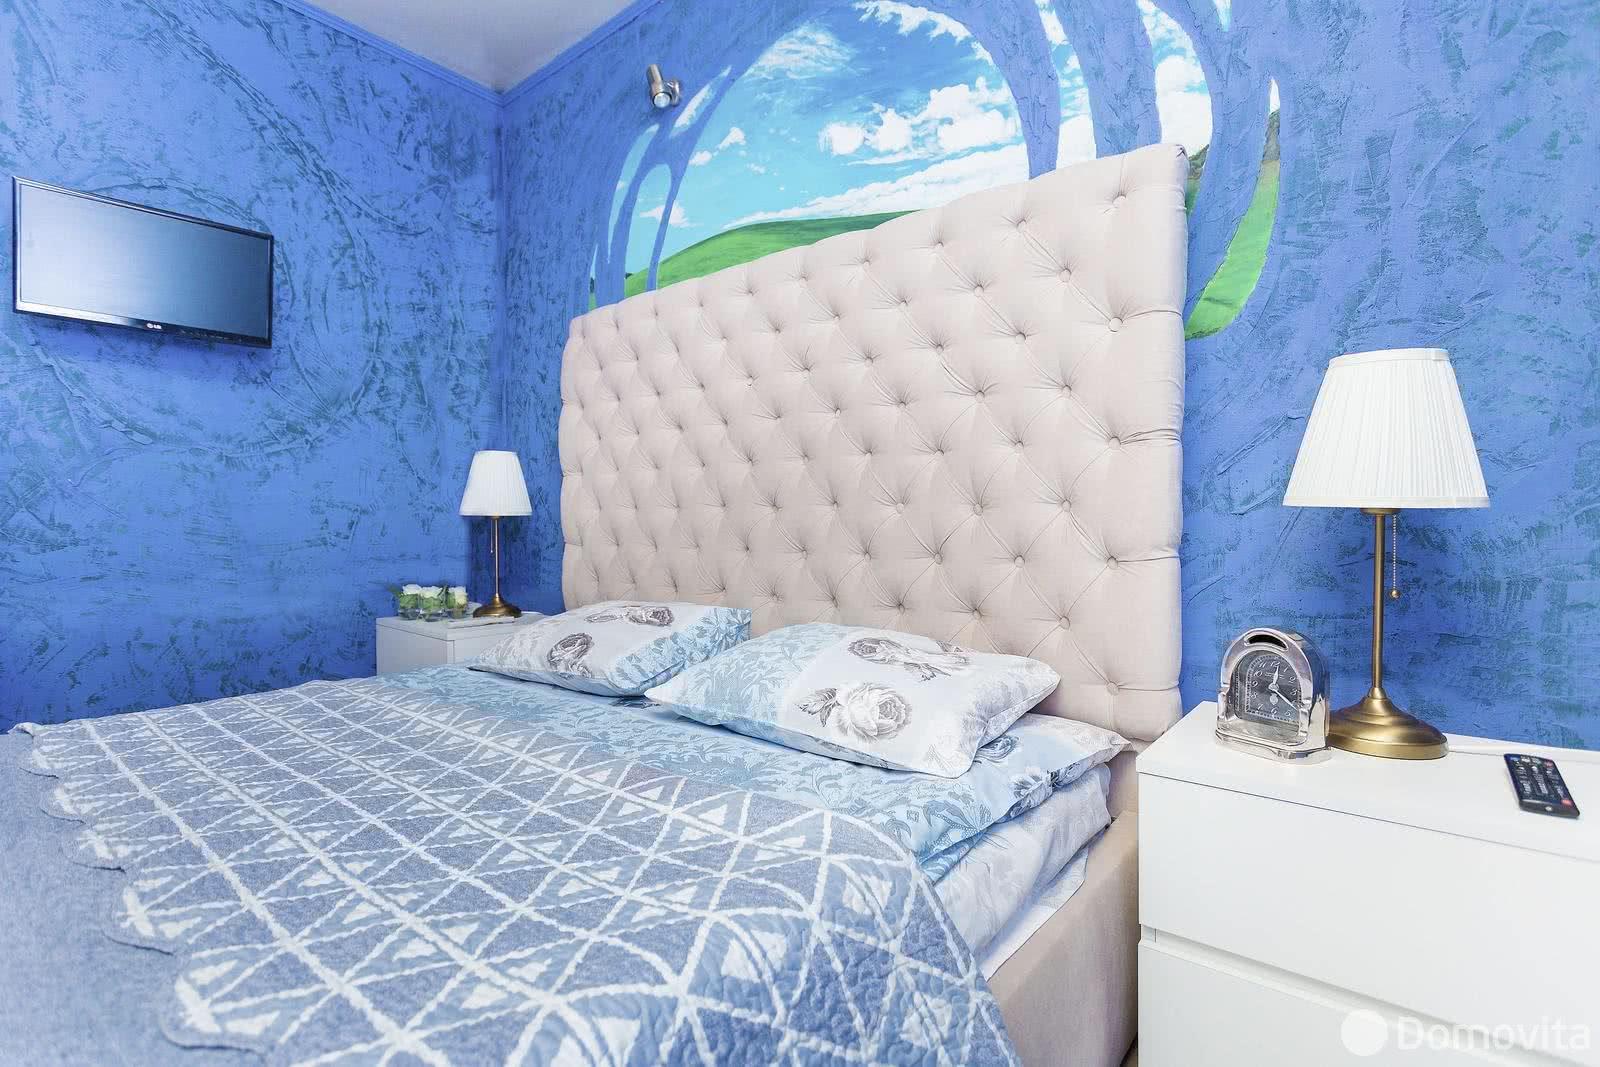 1-комнатная квартира на сутки в Минске ул. Городской Вал, д. 9 - фото 5